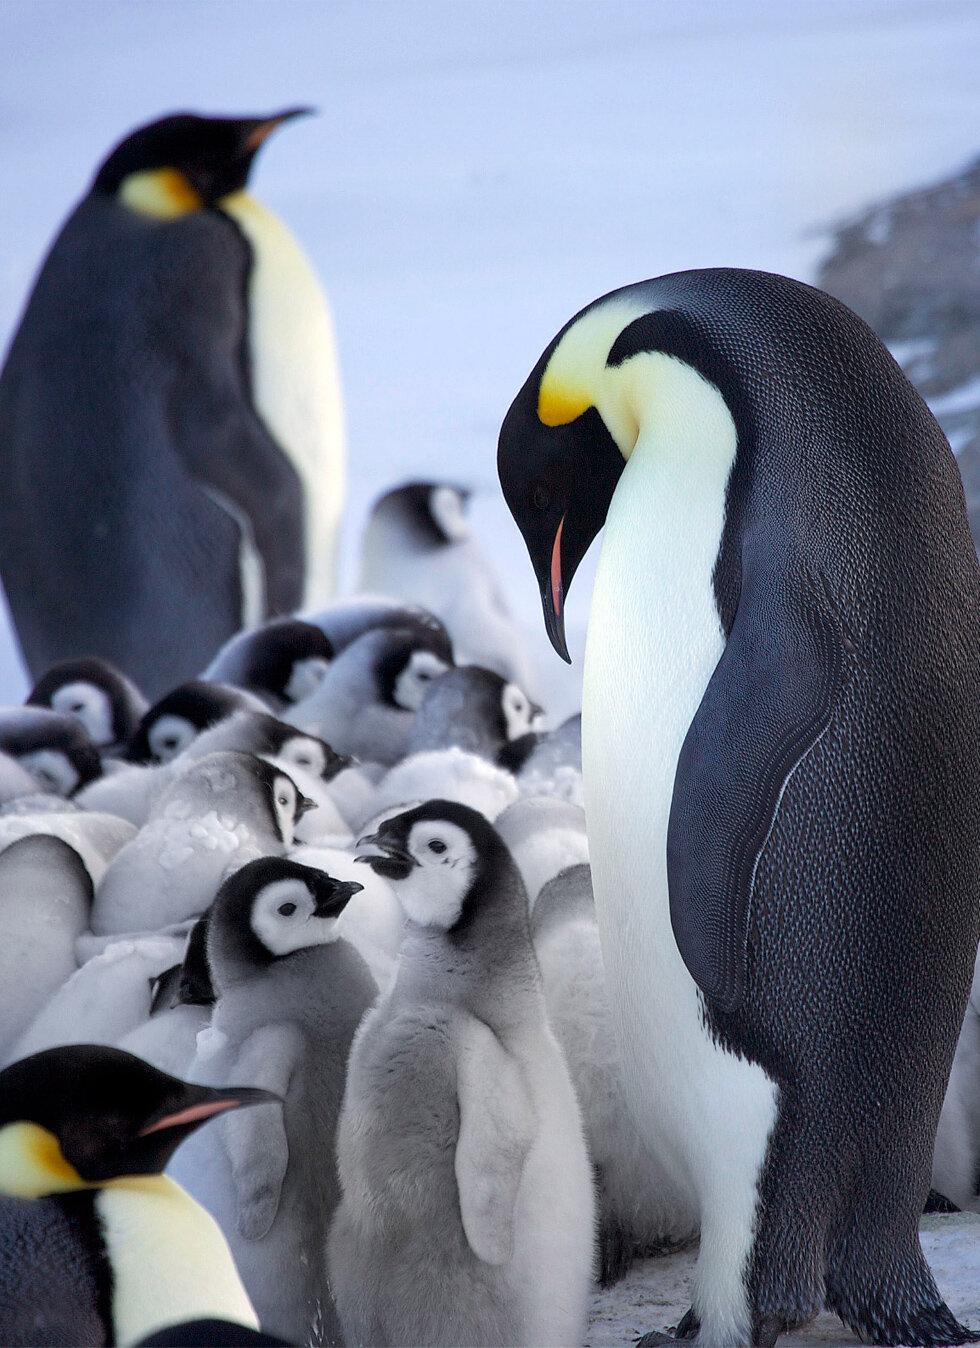 пингвин красивая картинка они тоже